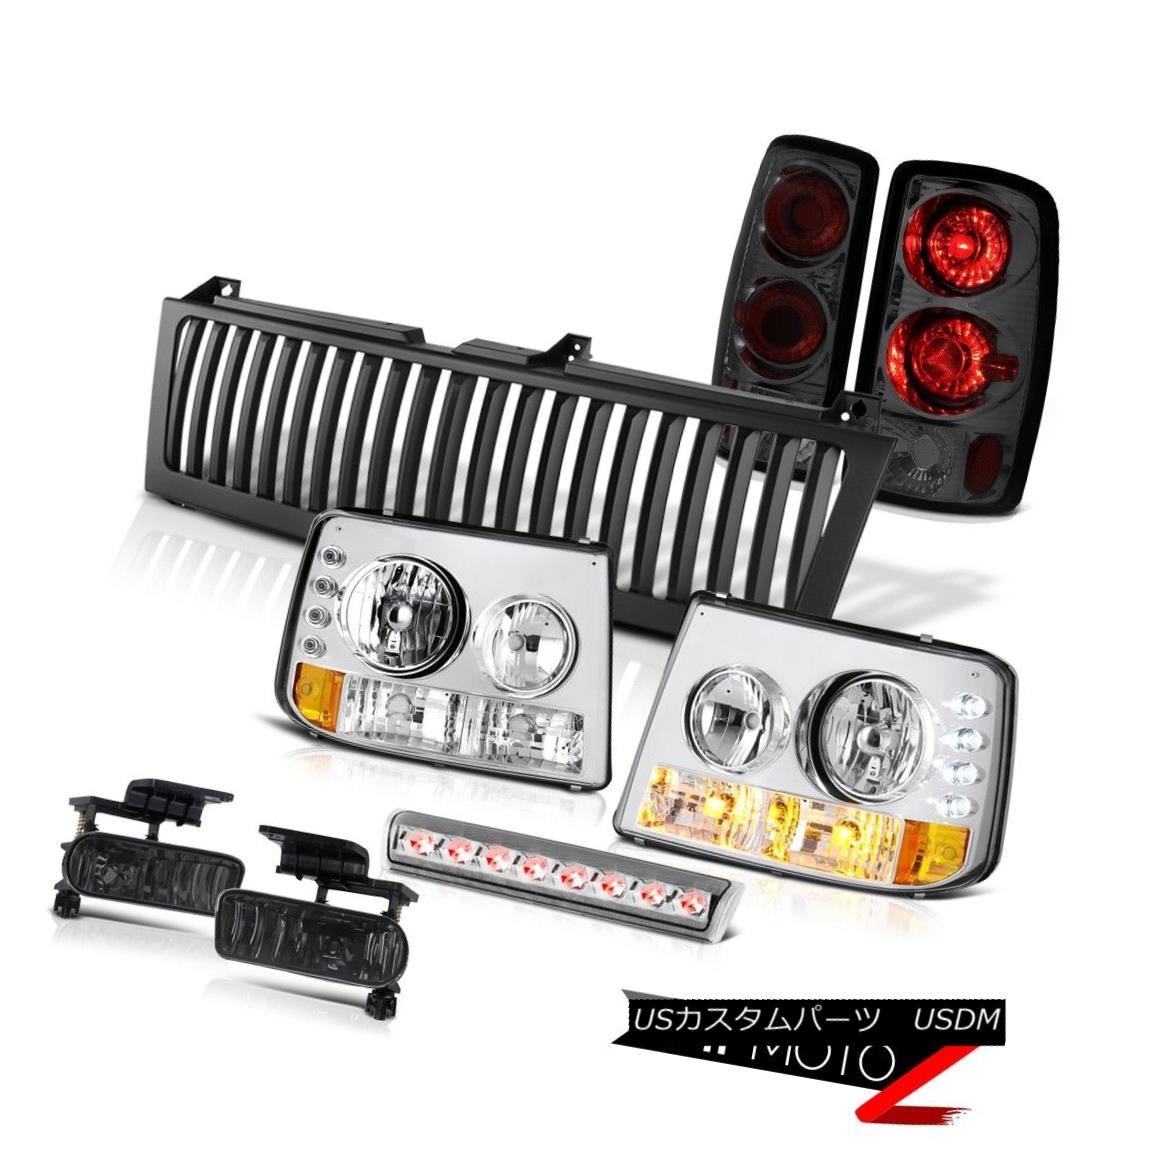 ヘッドライト Signal Headlamps Smoke Rear Brake Lamps Fog 3rd LED Black Grille 00-06 Tahoe LT シグナルヘッドランプスモークリアブレーキランプフォグ3rd LEDブラックグリル00-06タホLT